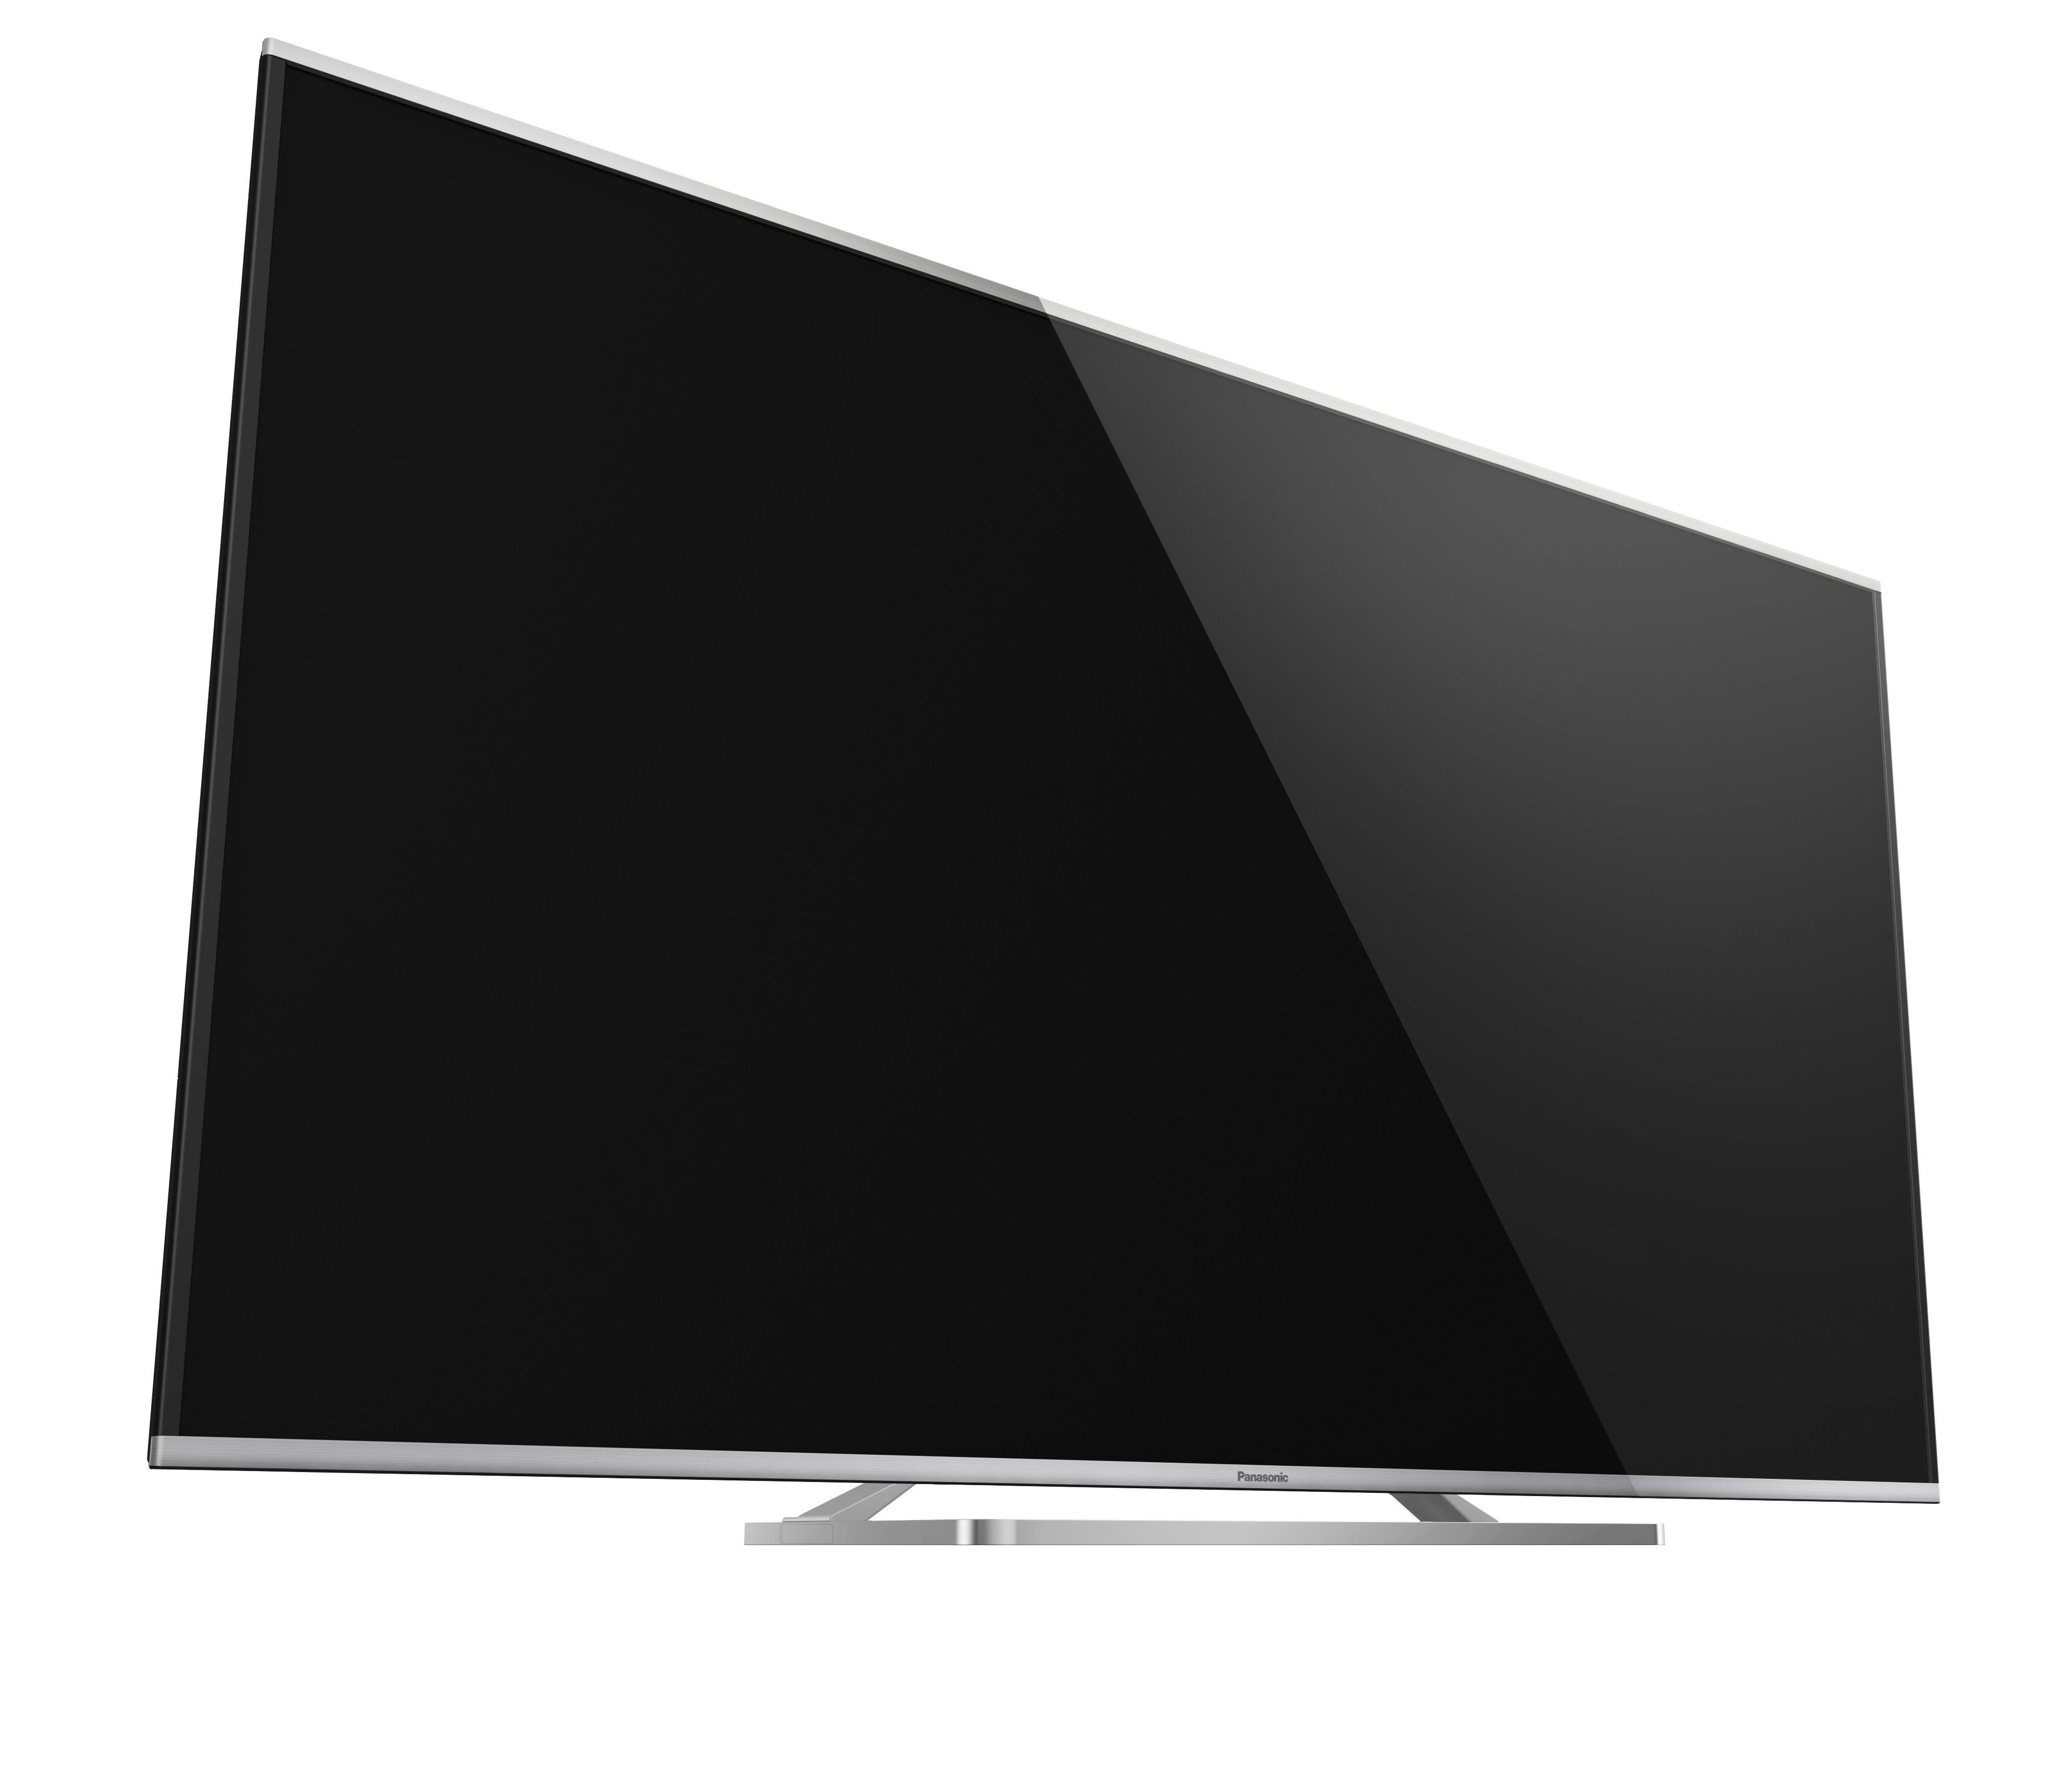 panasonic tx 55as650e tv led 3d connect 139 cm t l viseur led avis et prix pas cher les. Black Bedroom Furniture Sets. Home Design Ideas